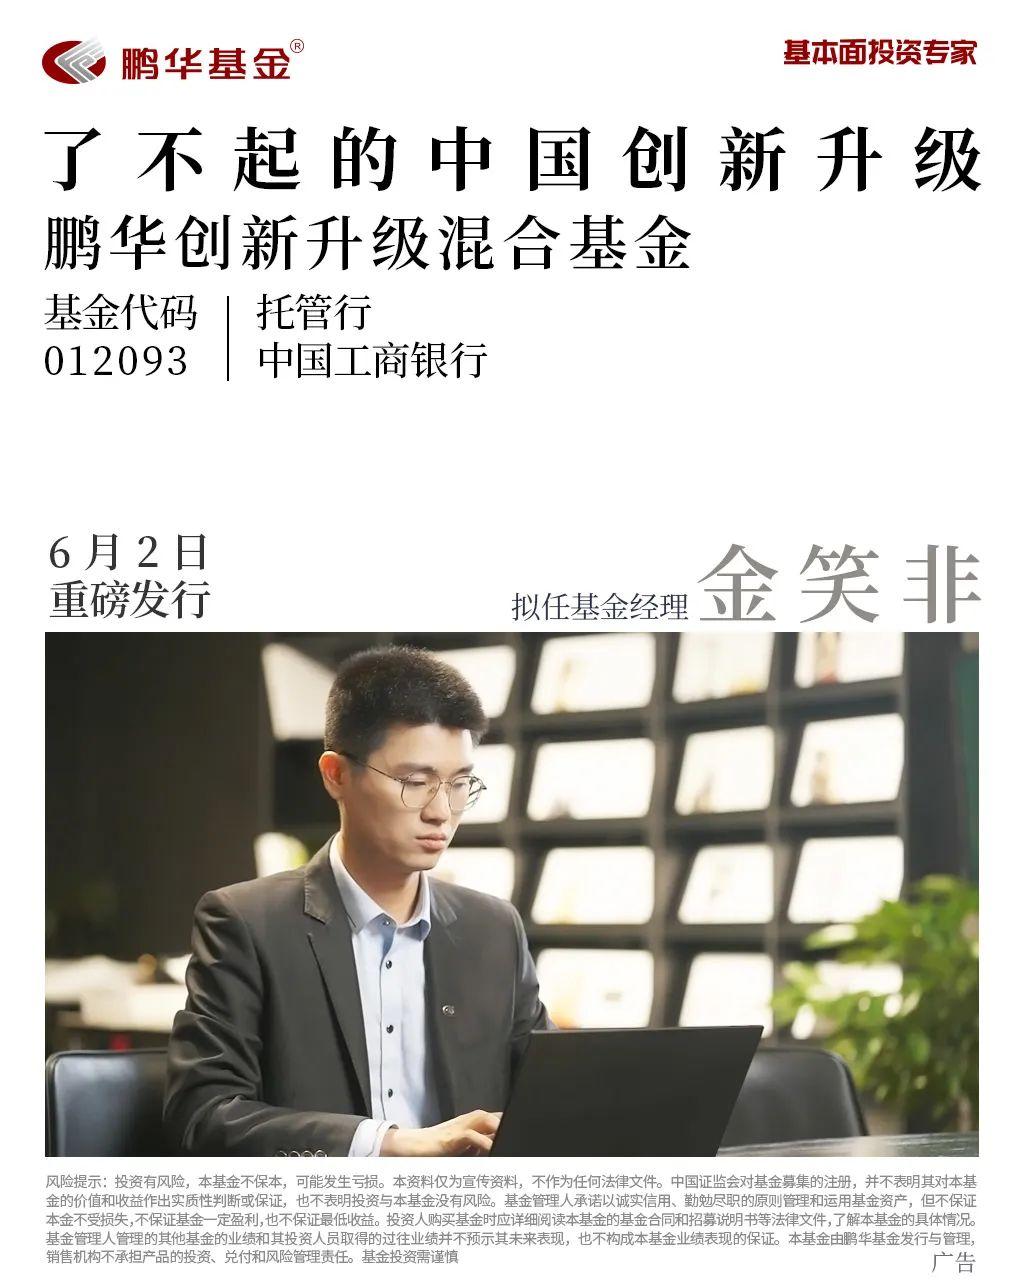 鹏华金笑非:以创新升级视角拥抱医药投资星辰大海